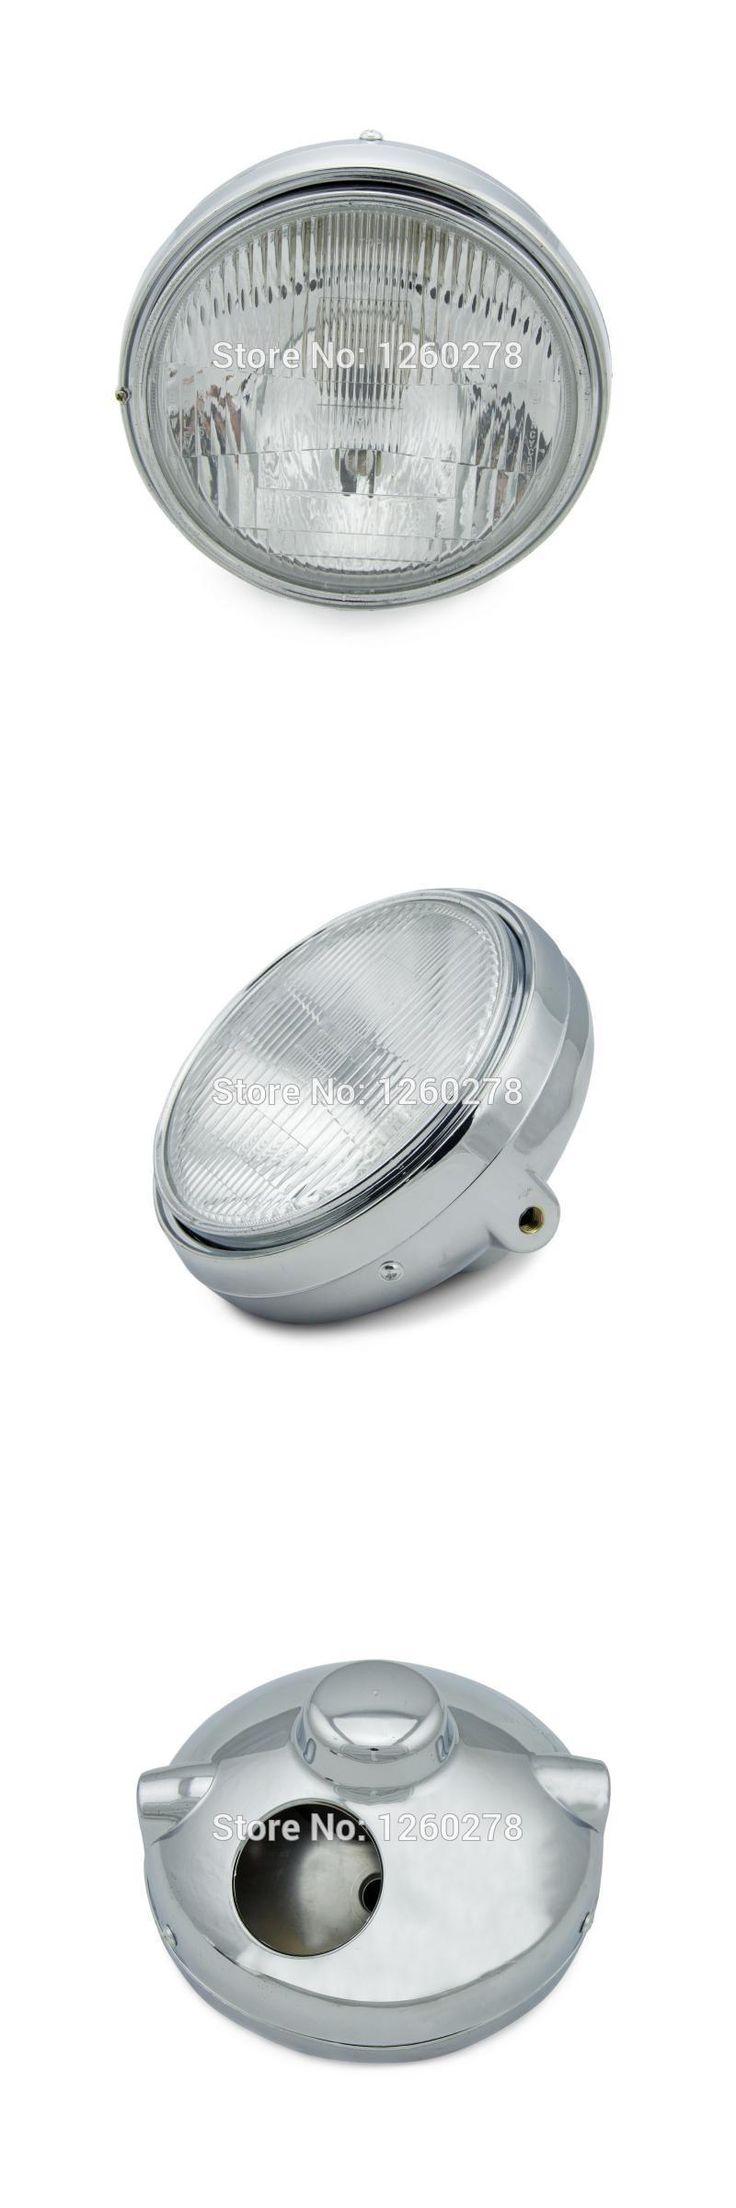 [Visit to Buy] Chrome Halogen Headlight Lamp For Honda CB400 CB500 CB1300 Hornet 250 600 900 VTEC / VTR 250 Clear Lens Head Light #Advertisement